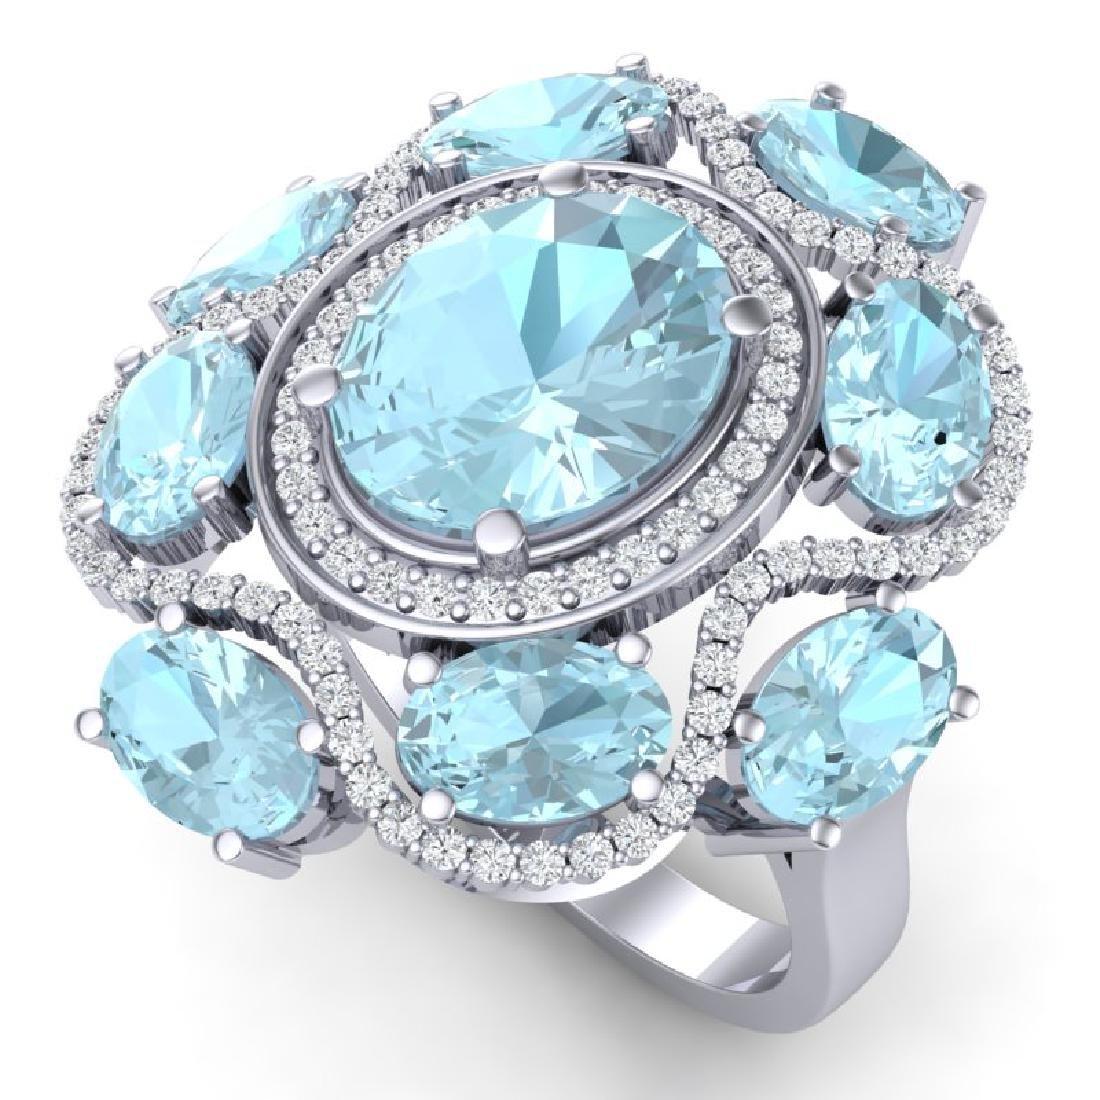 9.26 CTW Royalty Sky Topaz & VS Diamond Ring 18K White